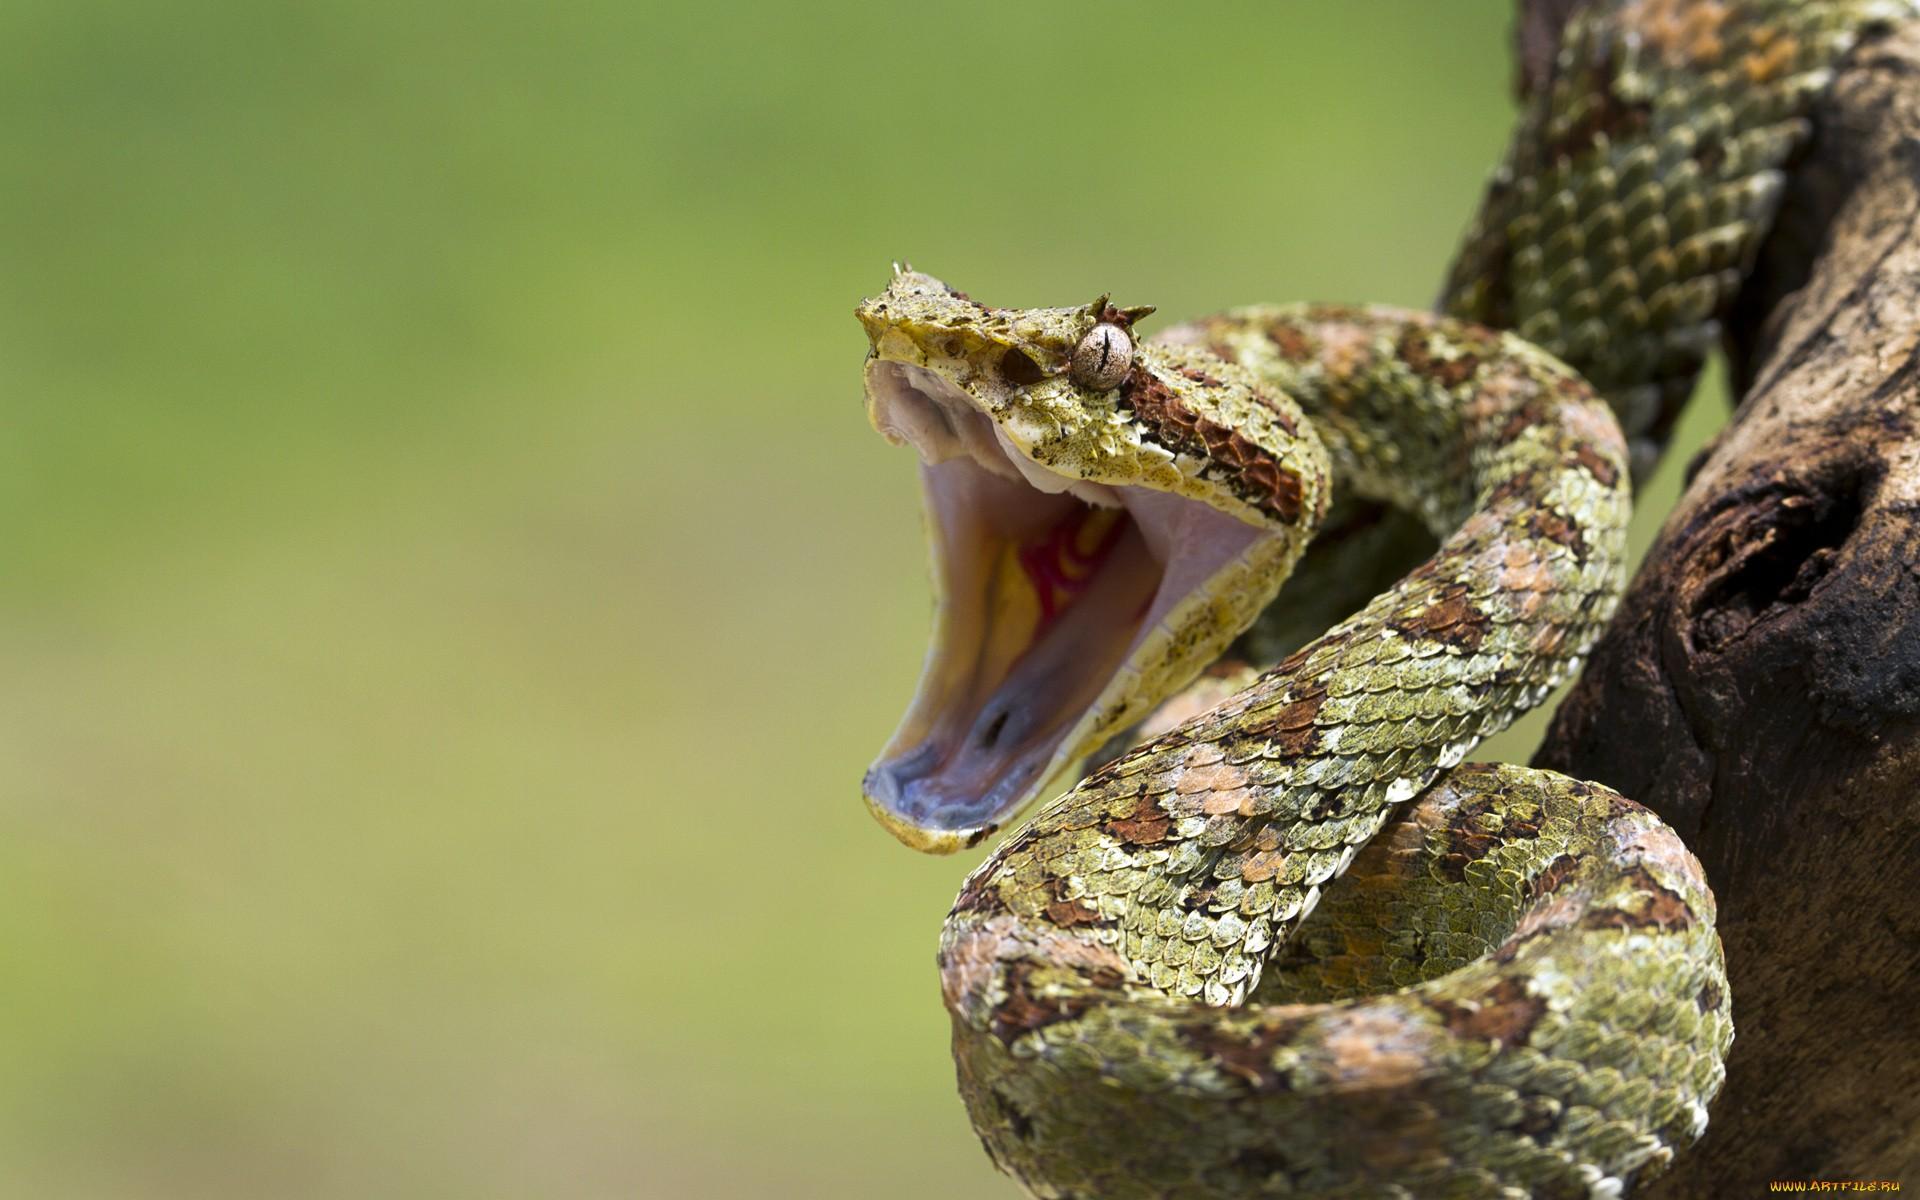 змея белая язык животное бесплатно